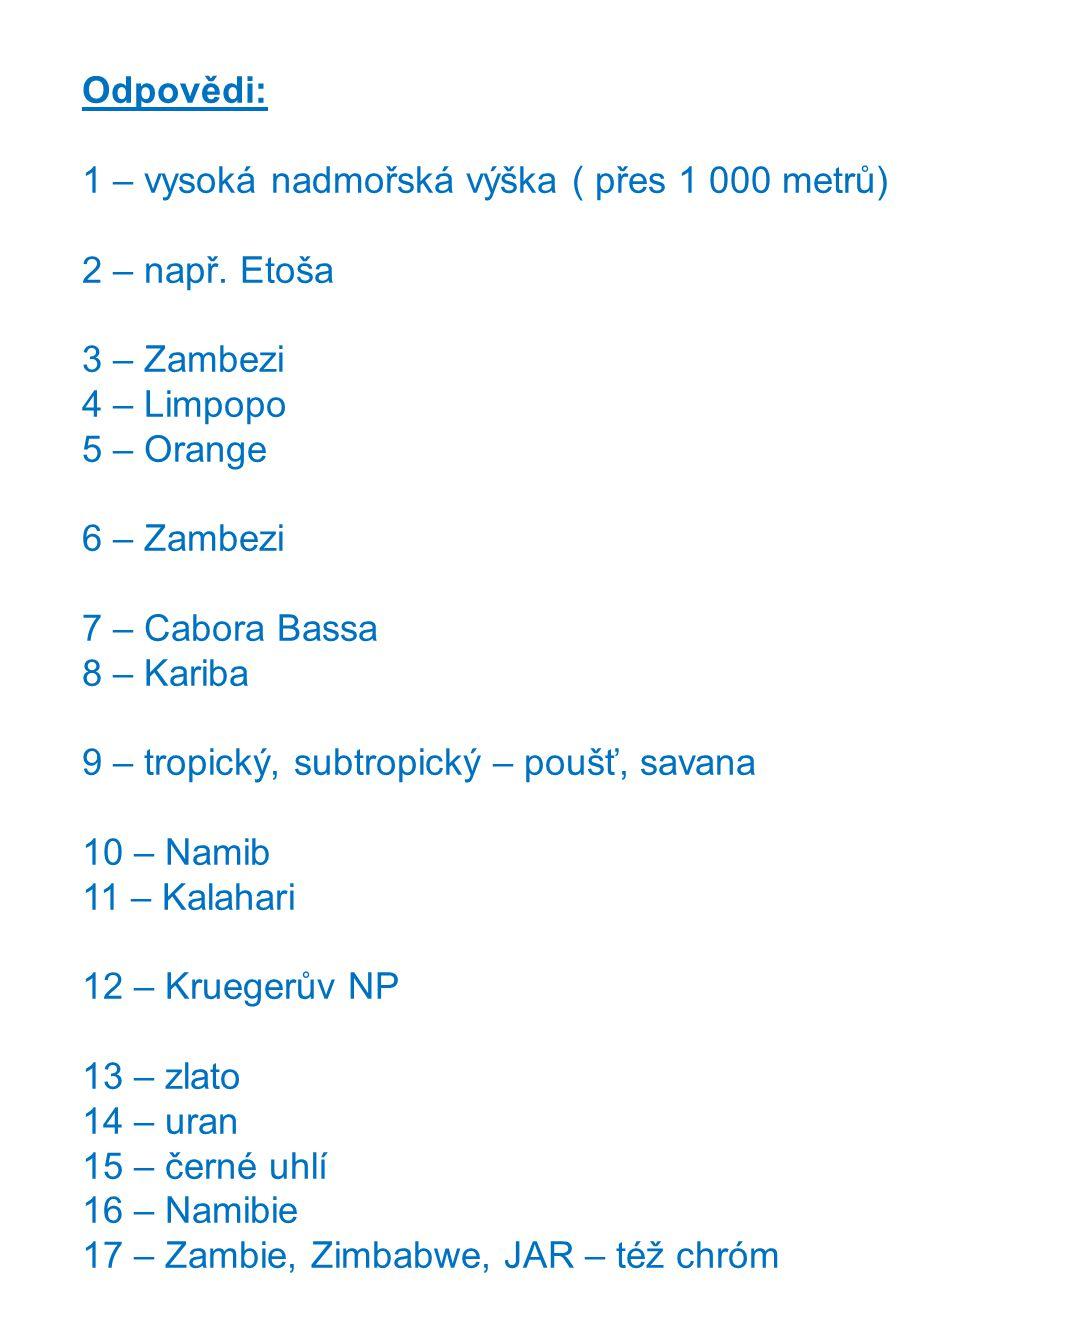 Odpovědi: 1 – vysoká nadmořská výška ( přes 1 000 metrů) 2 – např. Etoša 3 – Zambezi 4 – Limpopo 5 – Orange 6 – Zambezi 7 – Cabora Bassa 8 – Kariba 9